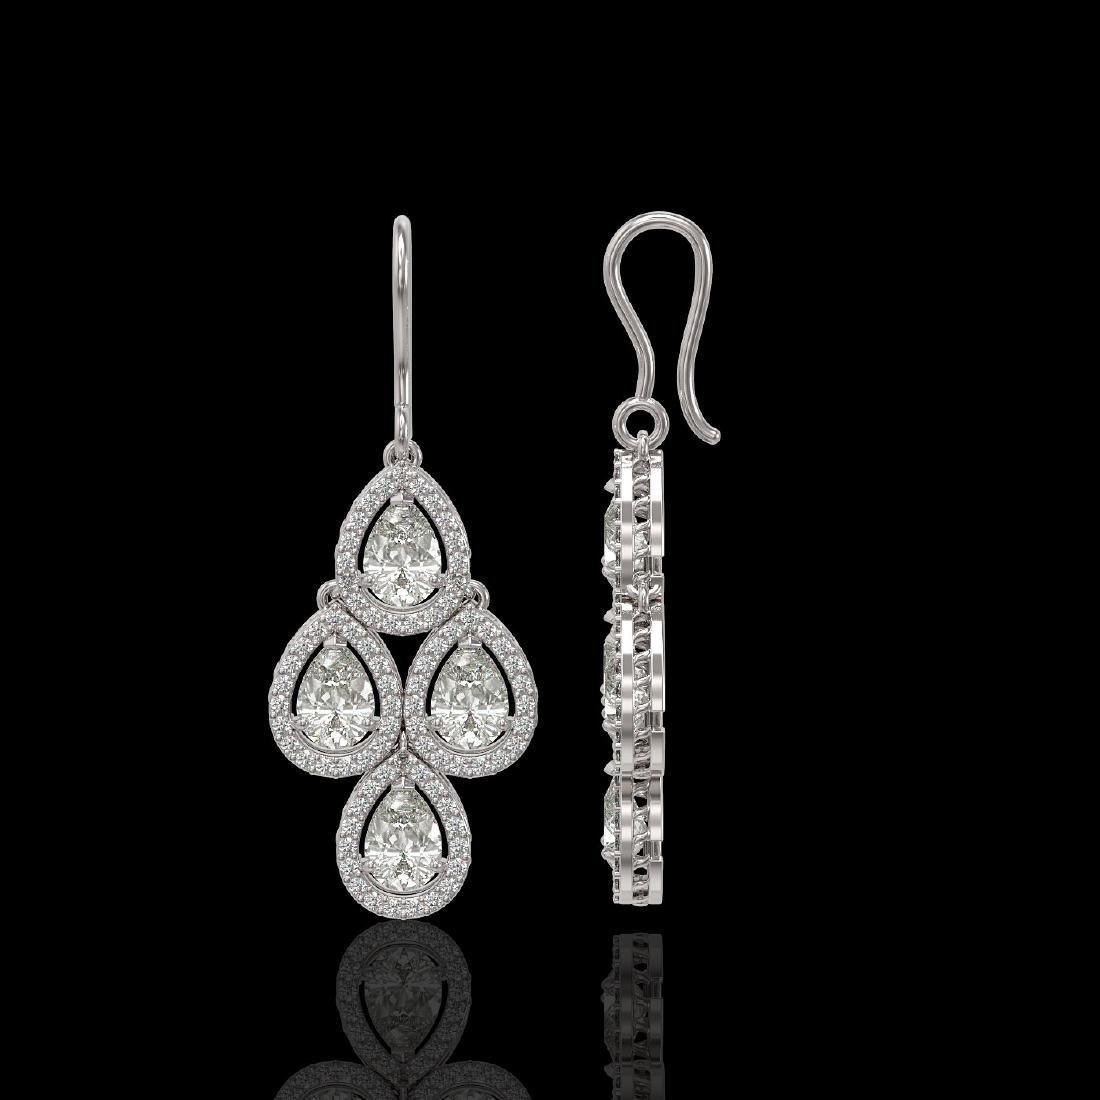 5.22 CTW Pear Diamond Designer Earrings 18K White Gold - 2